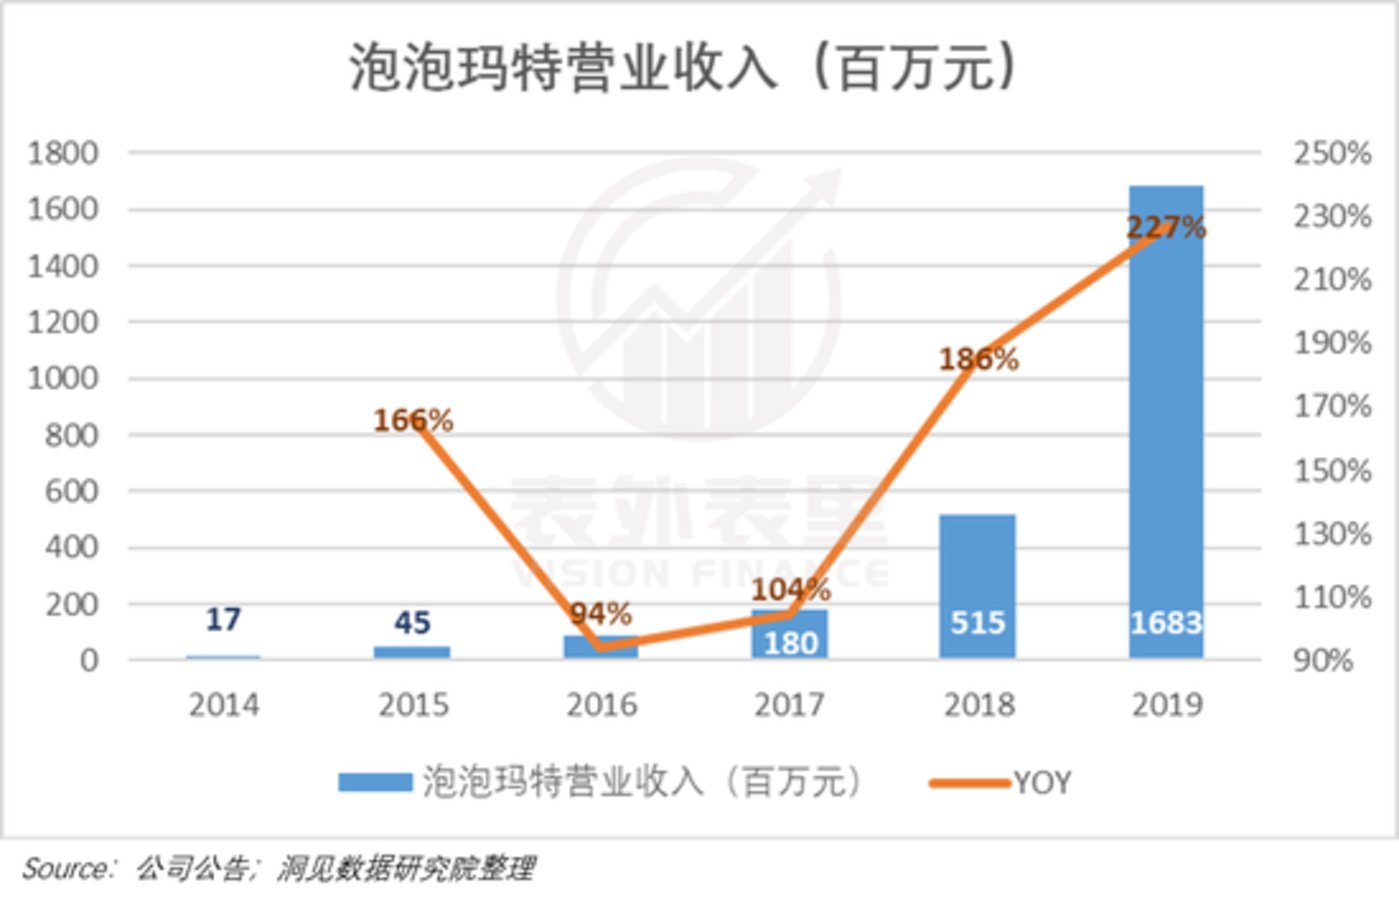 泡泡玛特2014年至2019年营收状况 / 图片来源:洞见数据